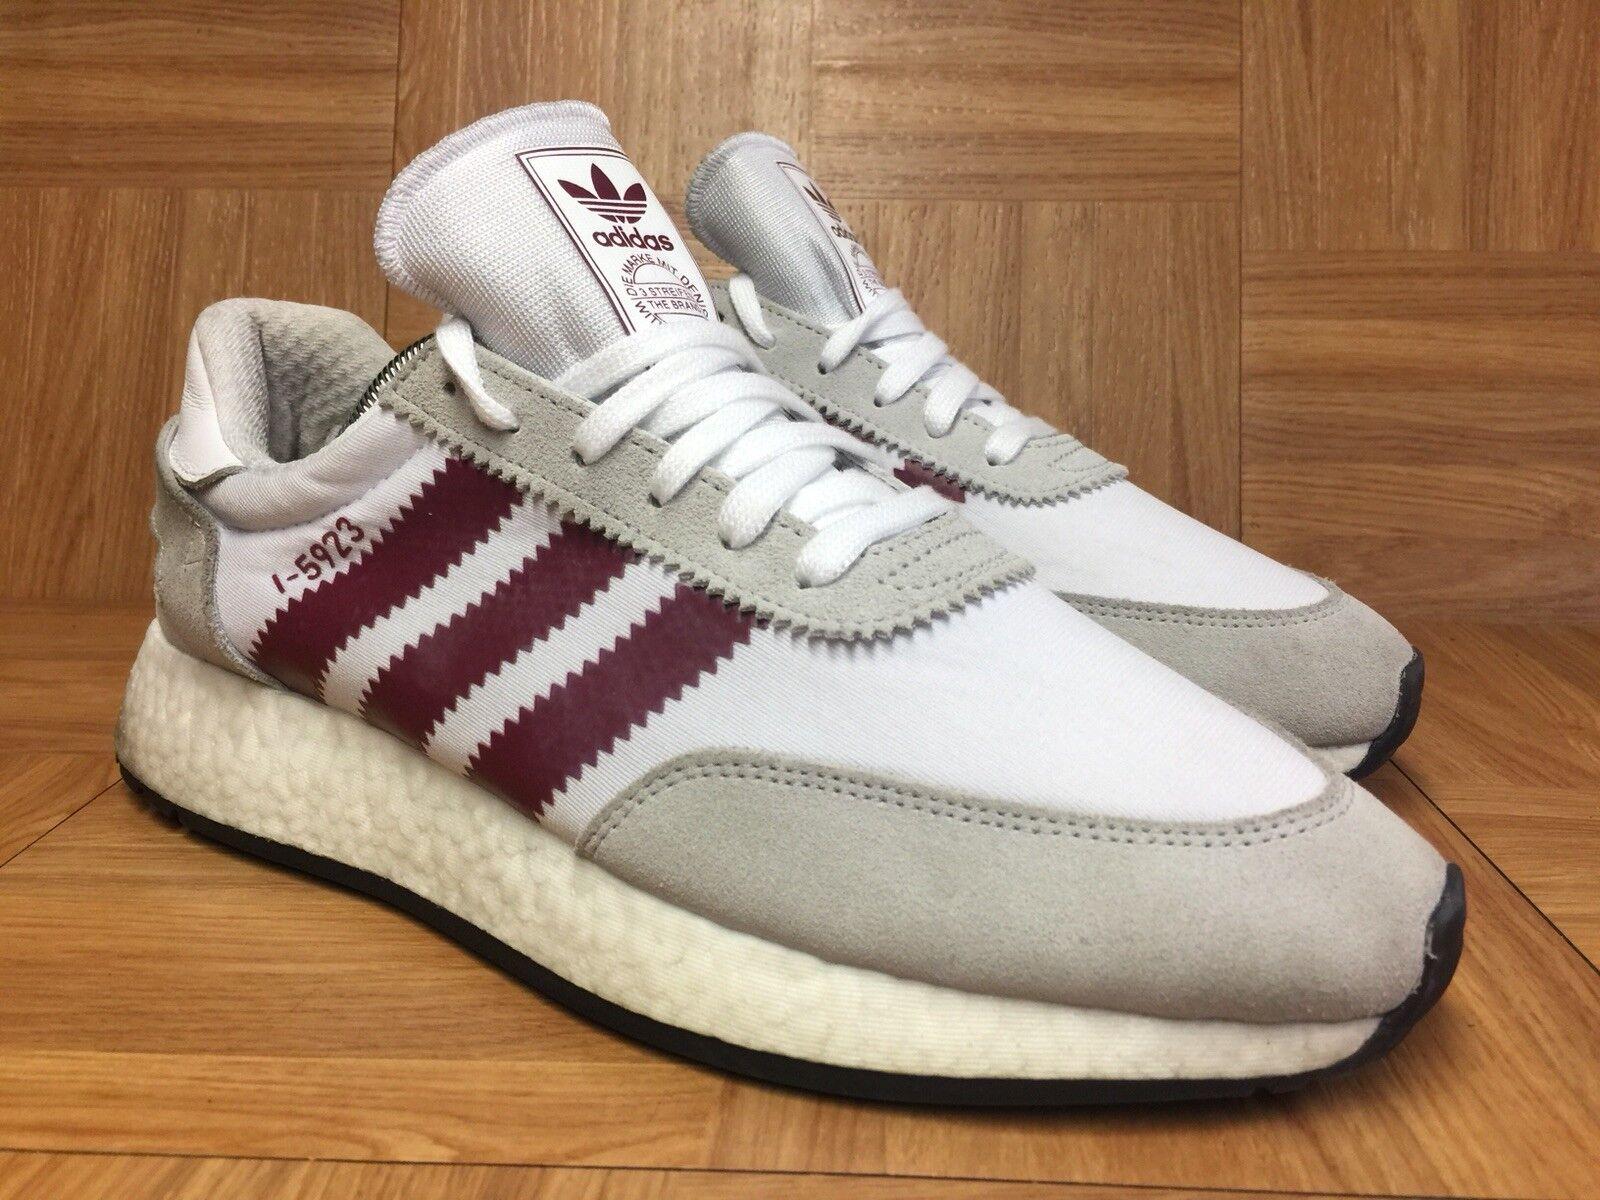 RARE Adidas Originals I-5923 White Collegiate Burgundy Men's shoes Sz 8.5